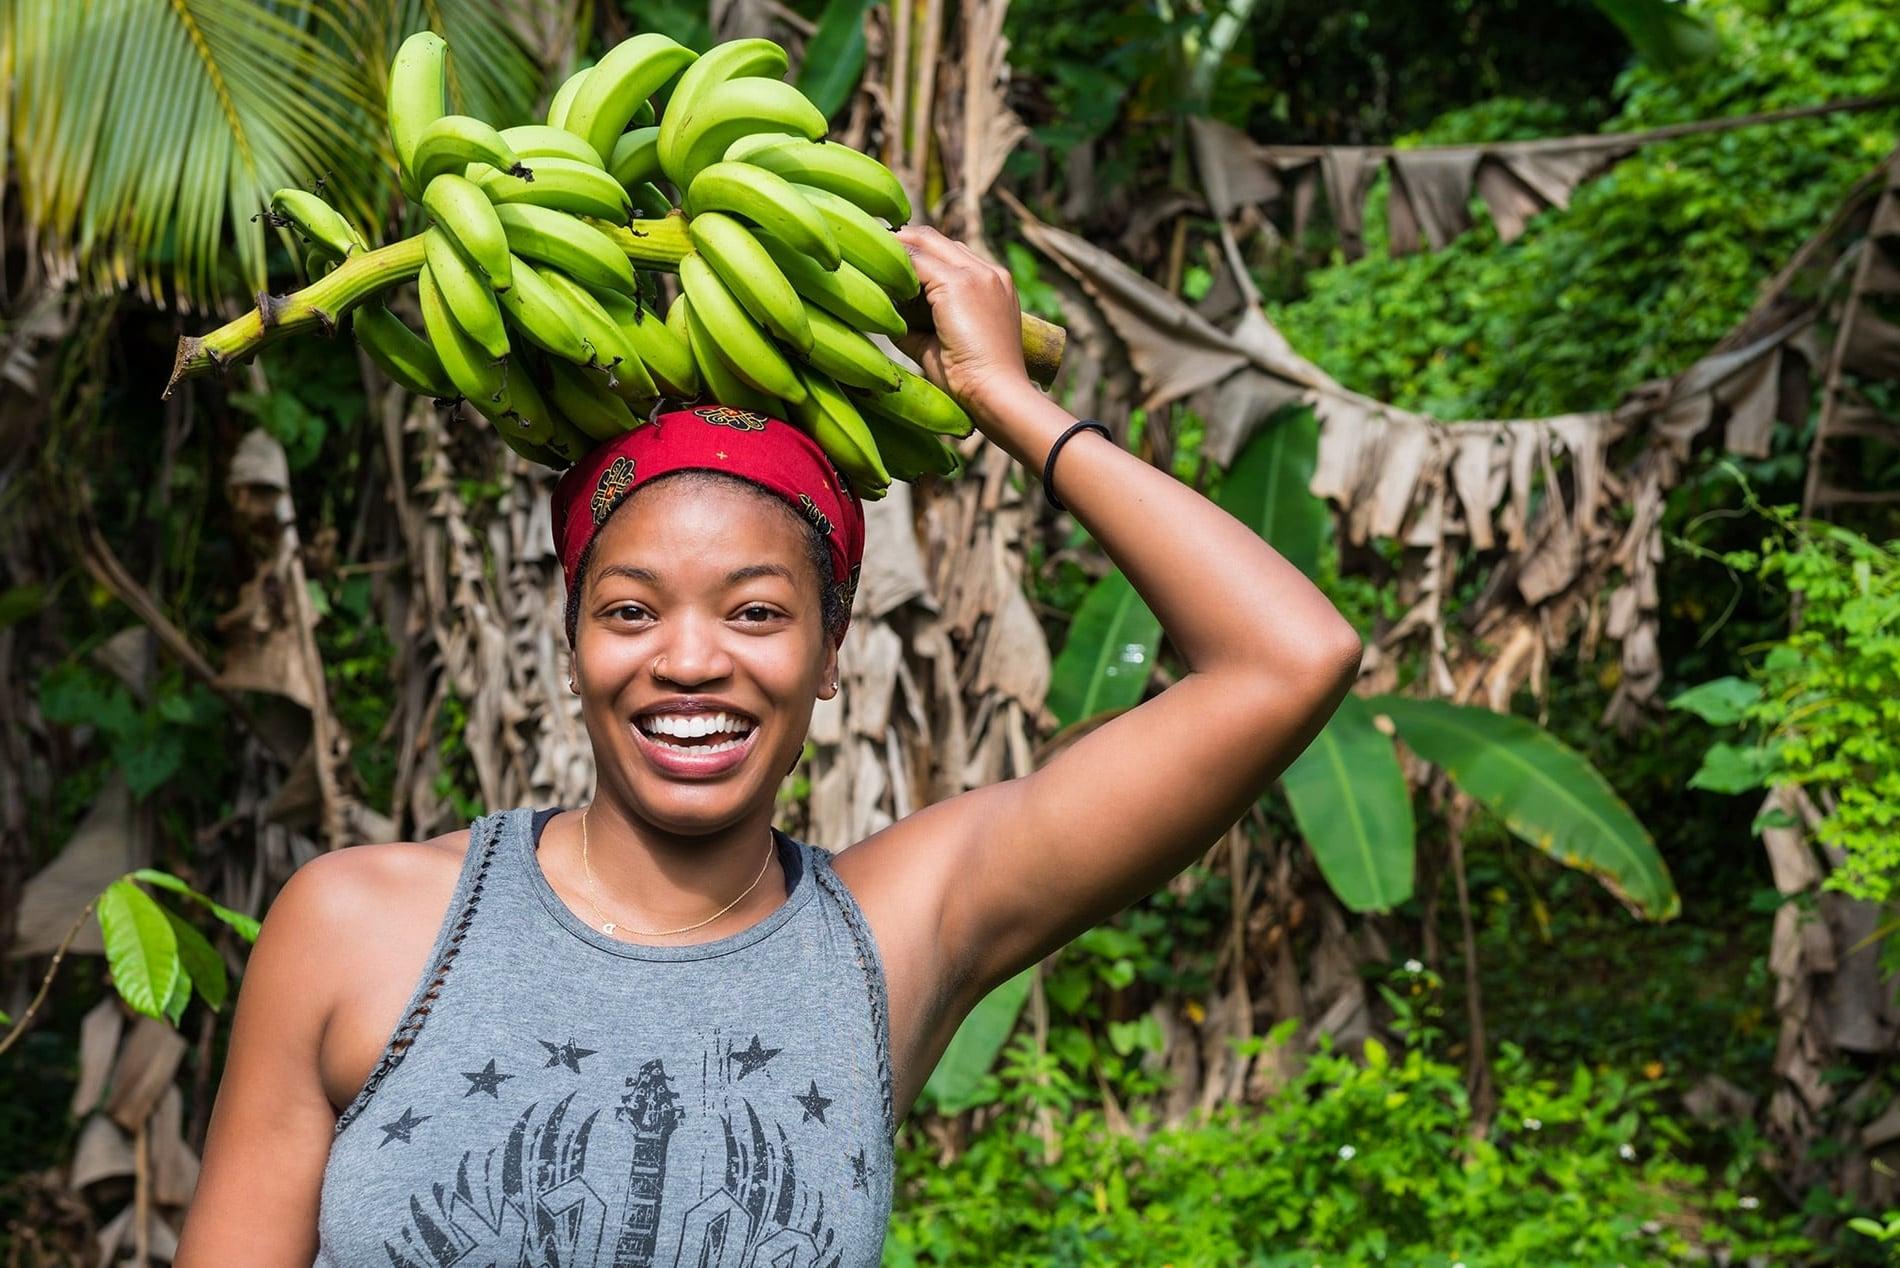 Photo Femme metisse souriante avec régime de banane posé sur la tête